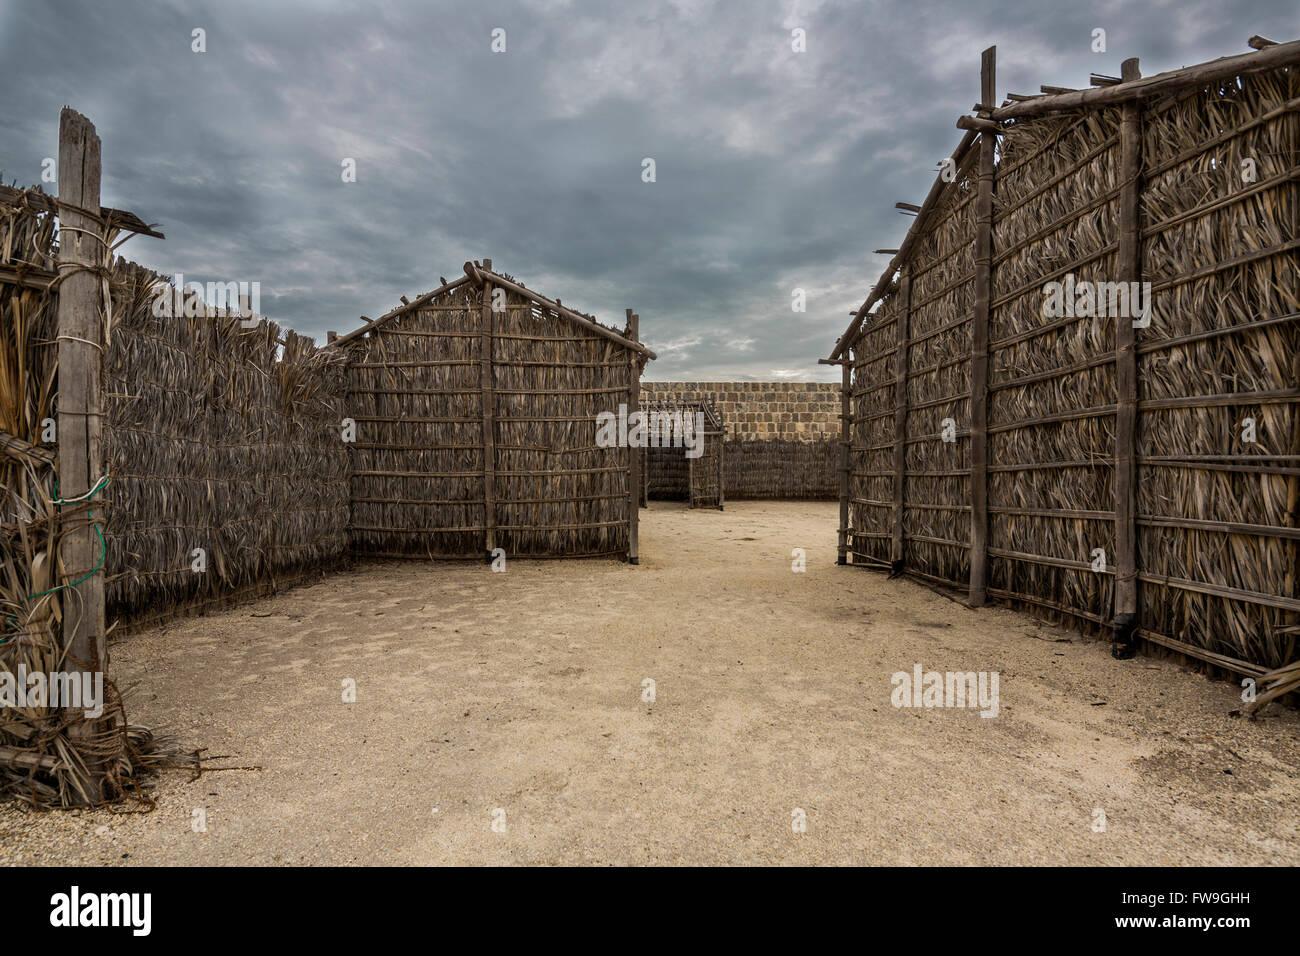 Arish o barasti capanne, Qal'at al-Bahrain, noto anche come il Bahrain Fort Immagini Stock